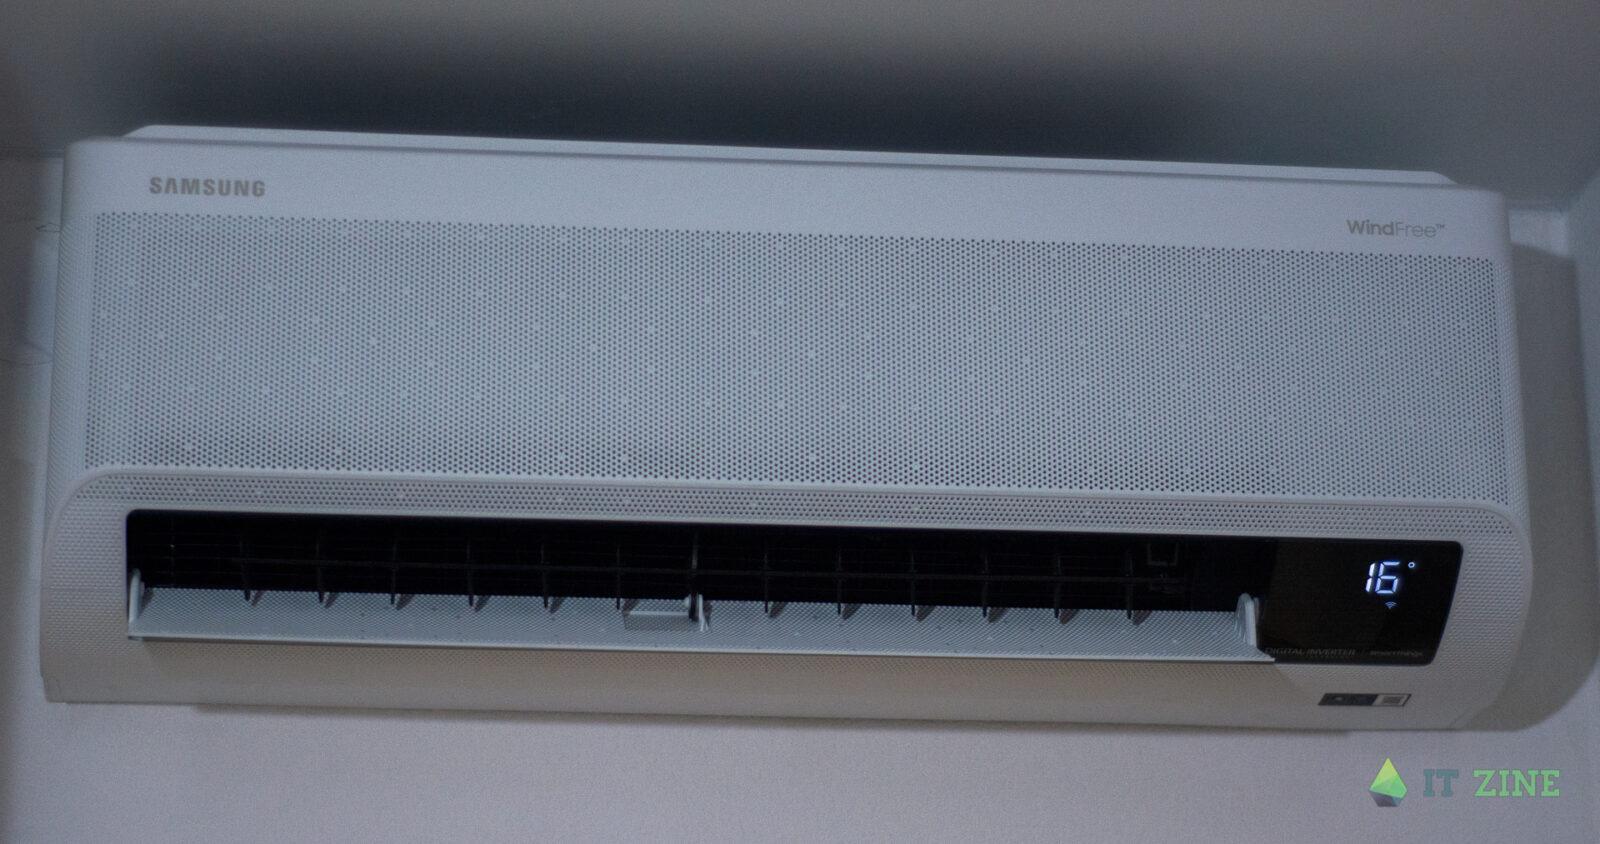 Обзор сплит-системы Samsung AR9500T WindFree: охлаждает, но не дует (export 2607 17)